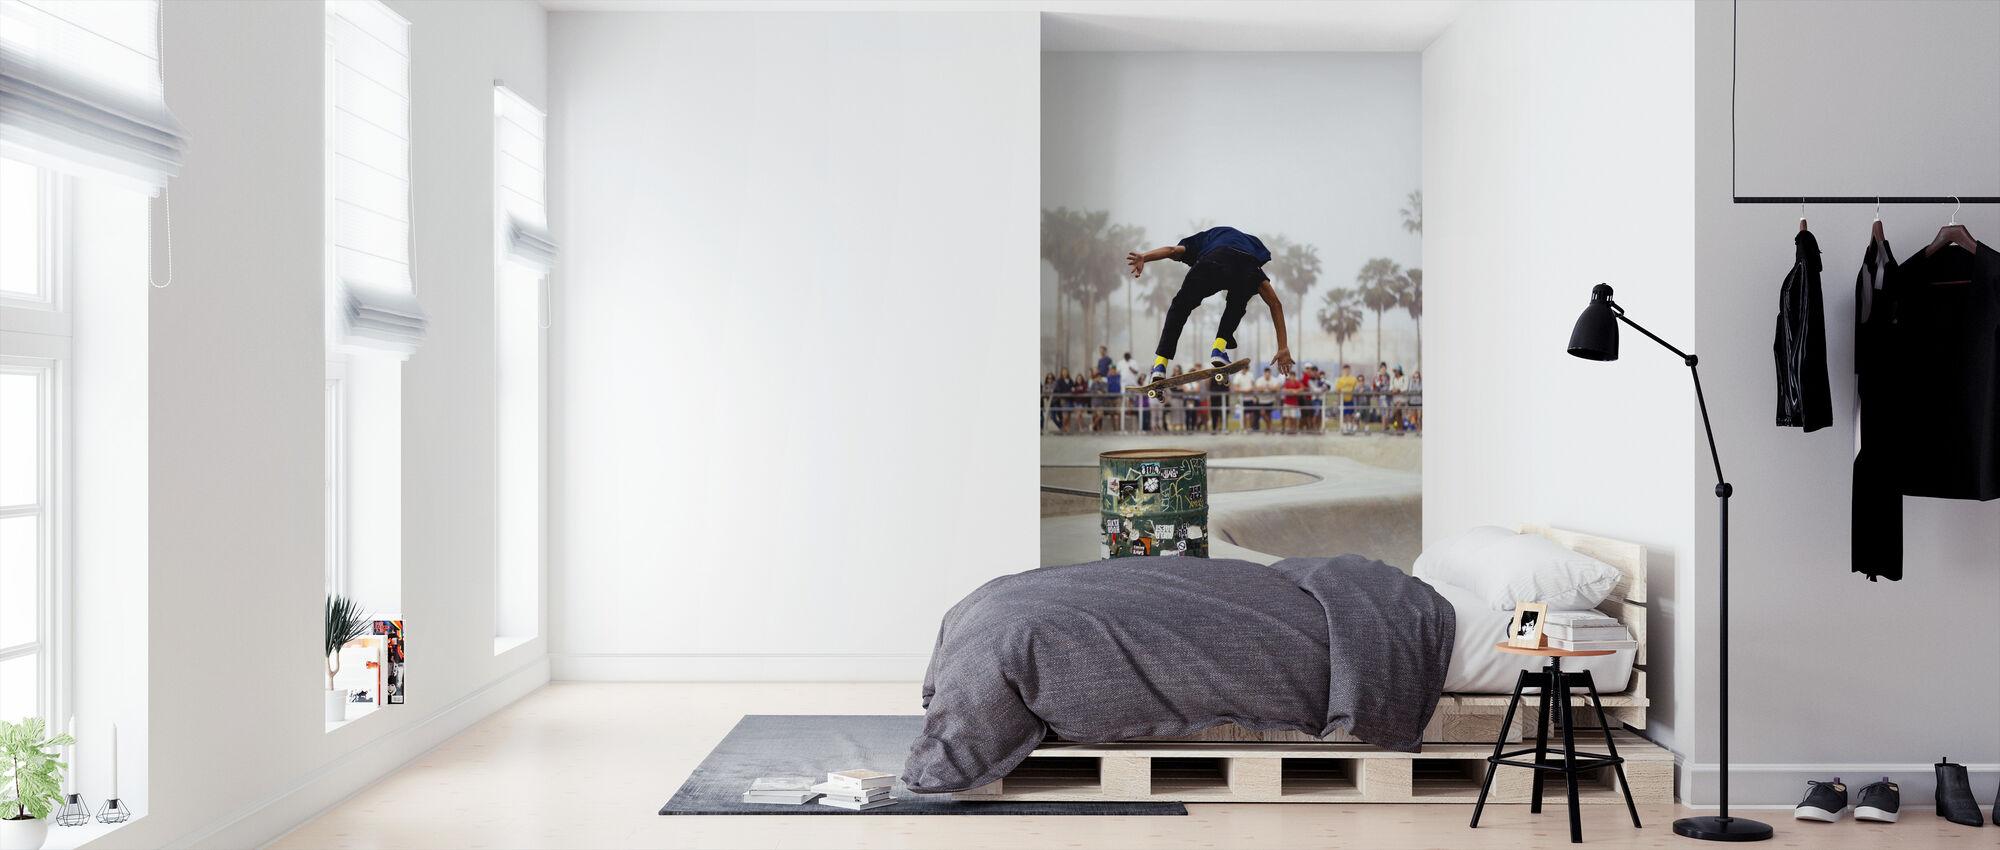 Skateboard Hangtime - Tapeta - Sypialnia